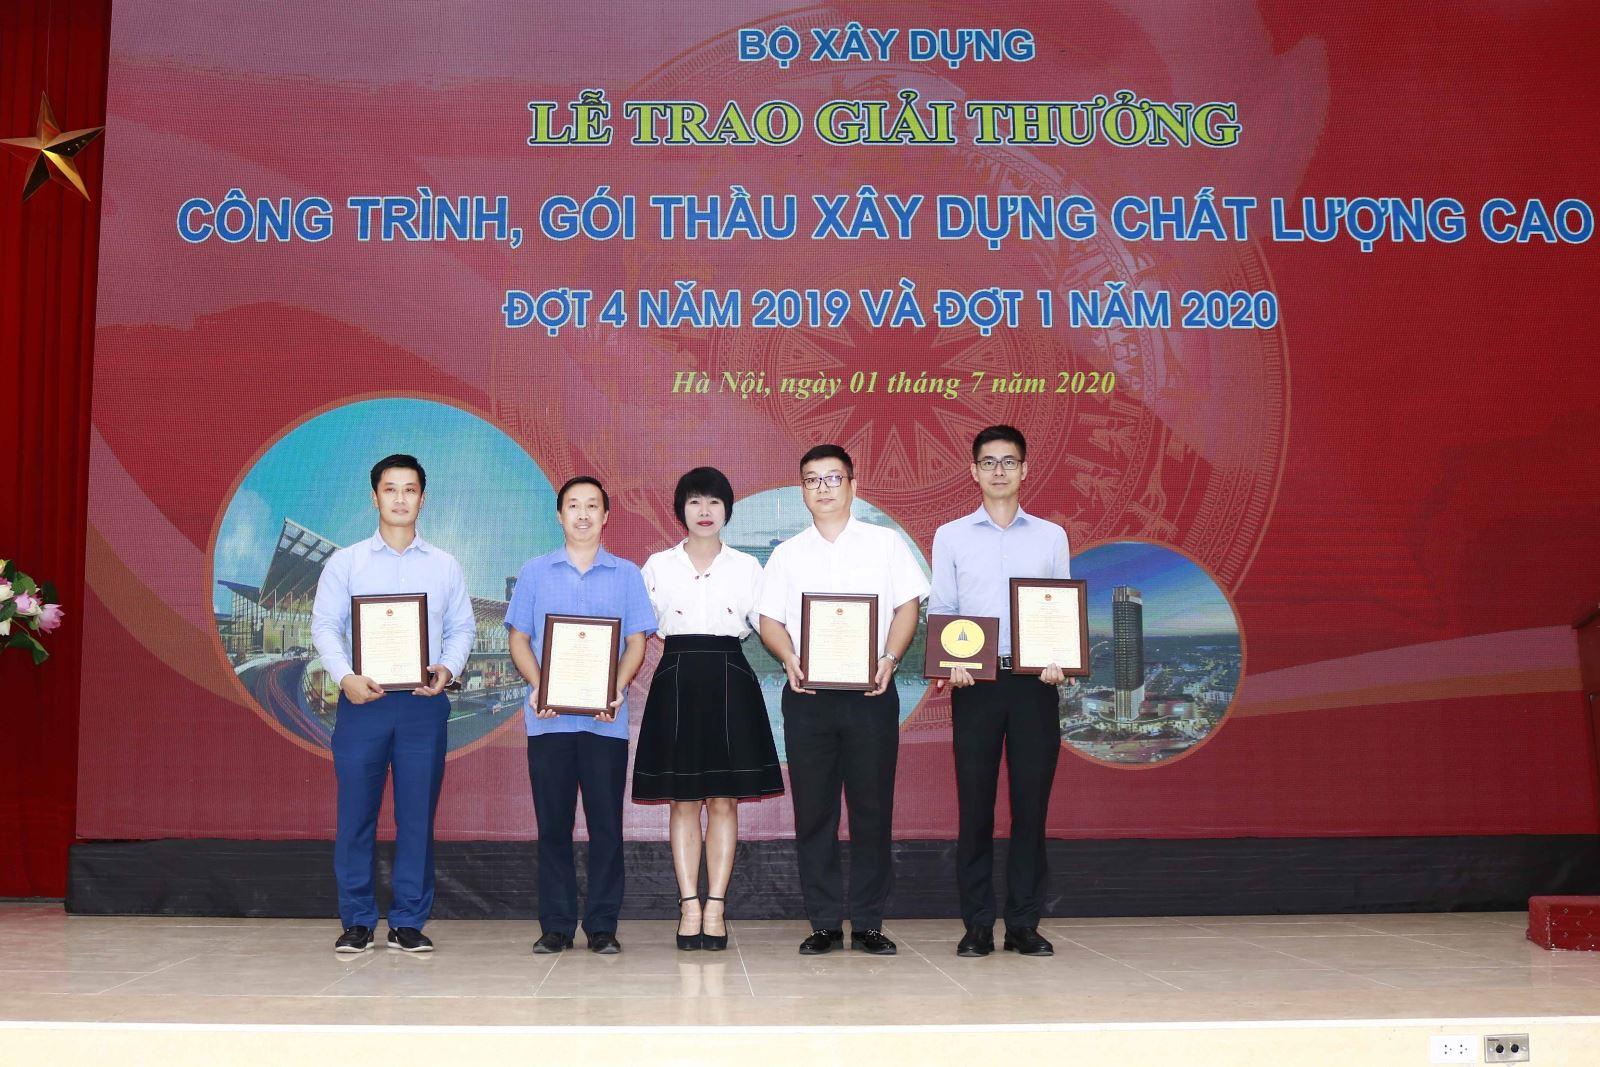 Chủ tịch Công đoàn Xây dựng Việt Nam Nguyễn Thị Thủy Lệ trao Giải cho các đơn vị